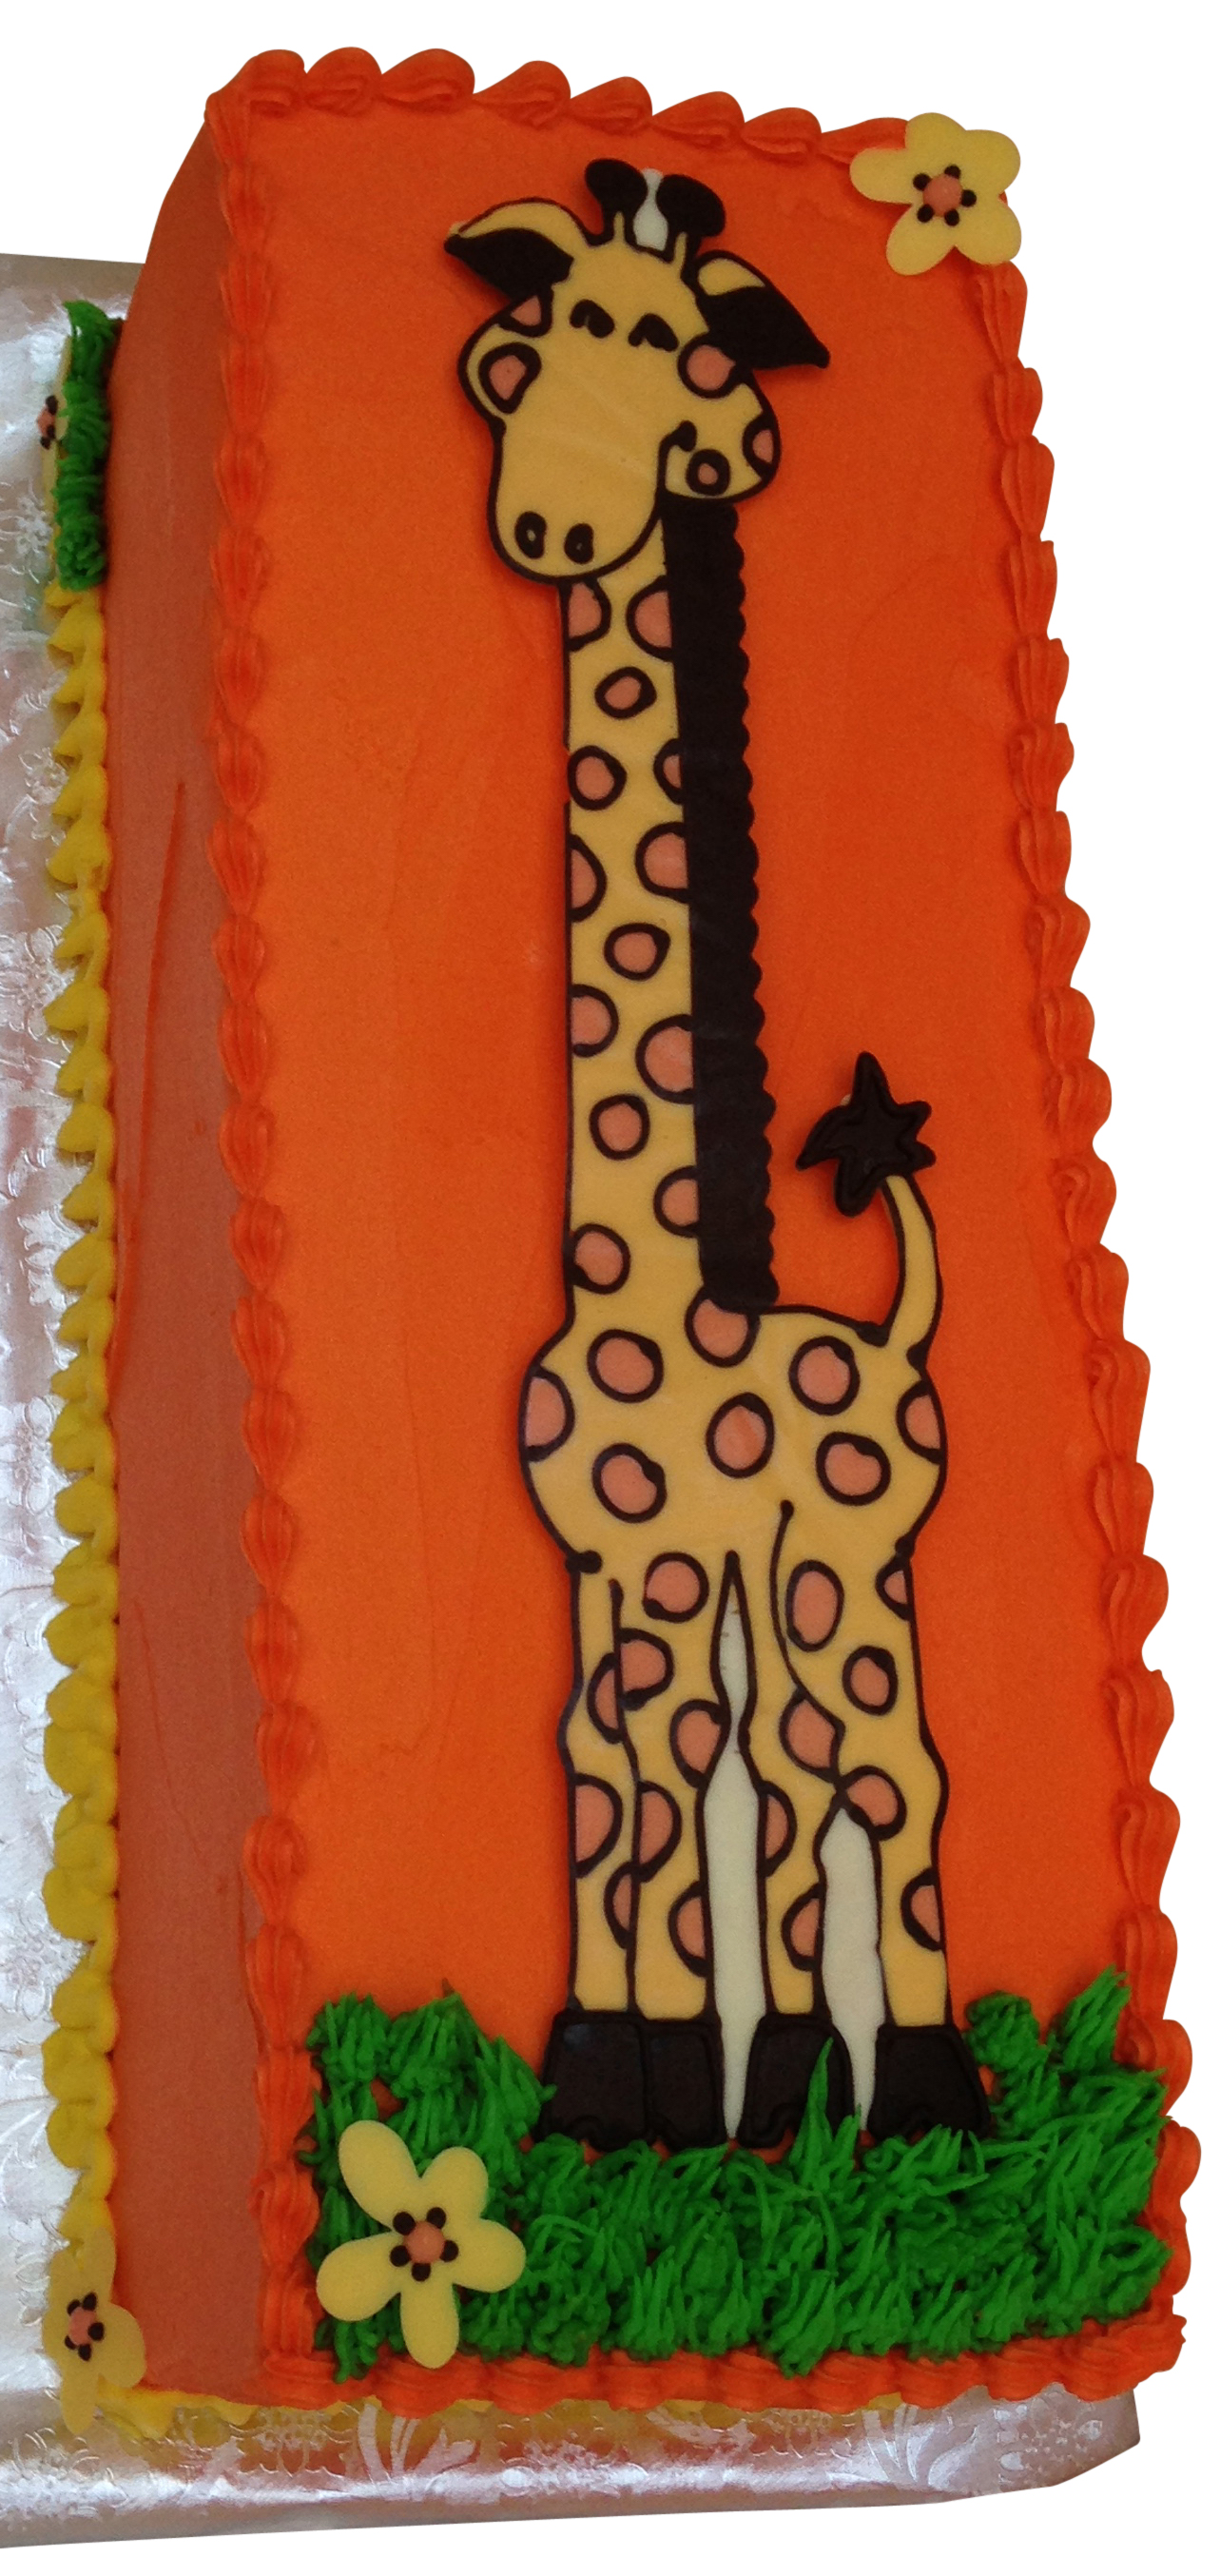 BeBe-Cakes-Animal-Giraffe-Cake.jpg